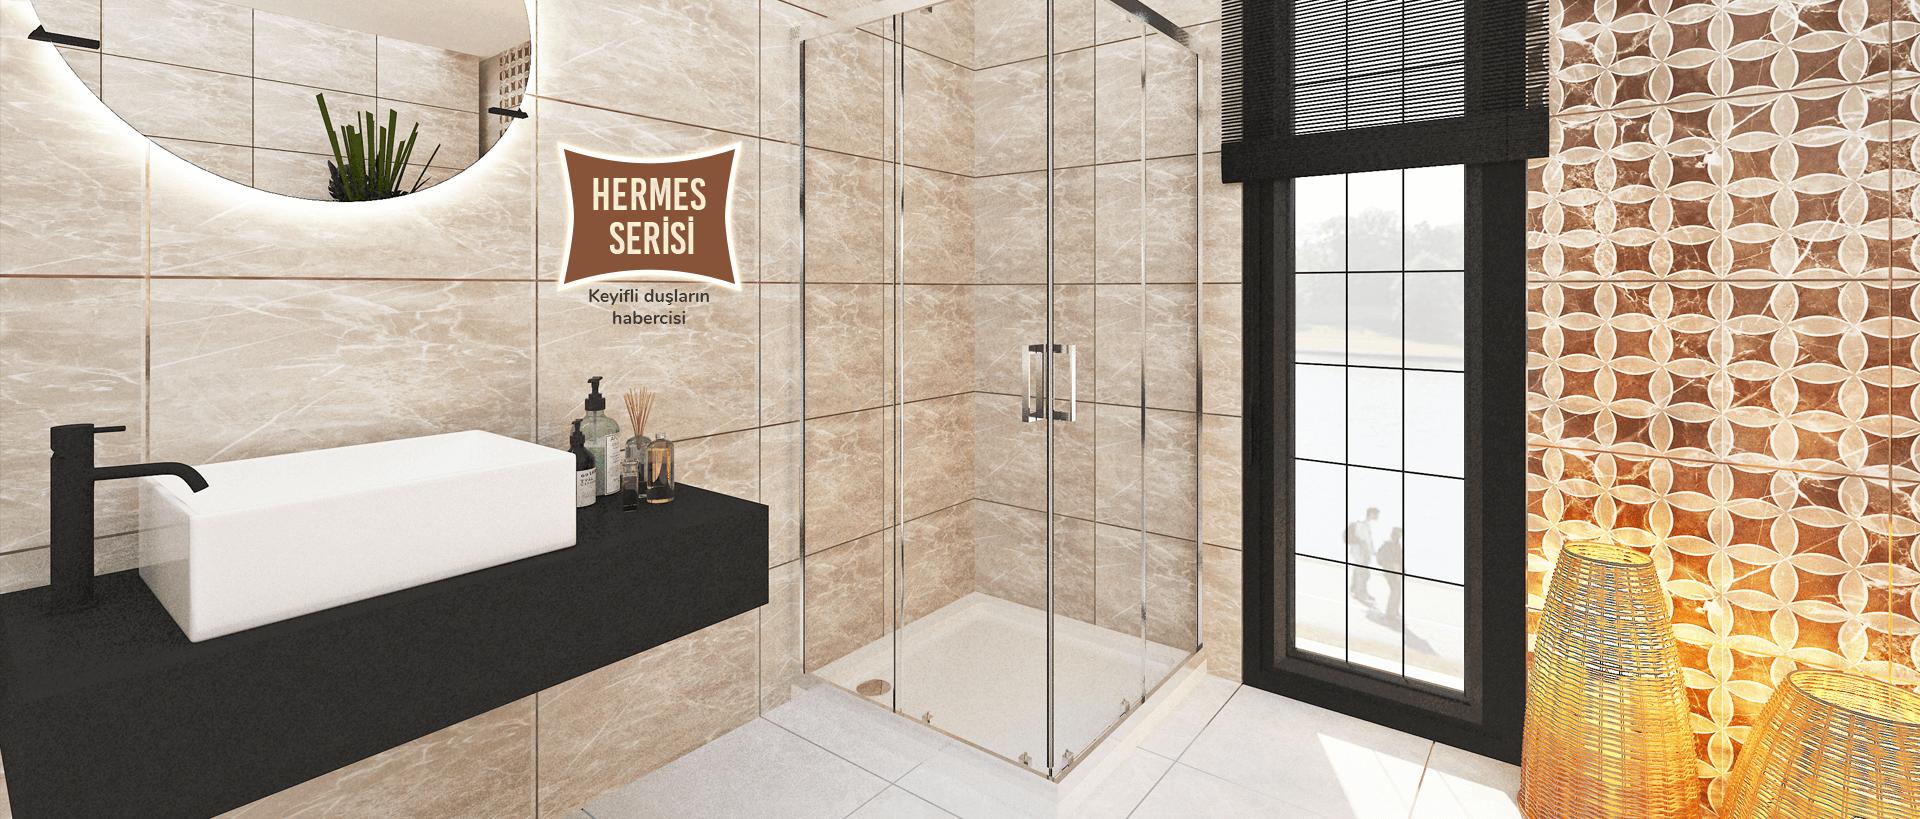 Hermes Series